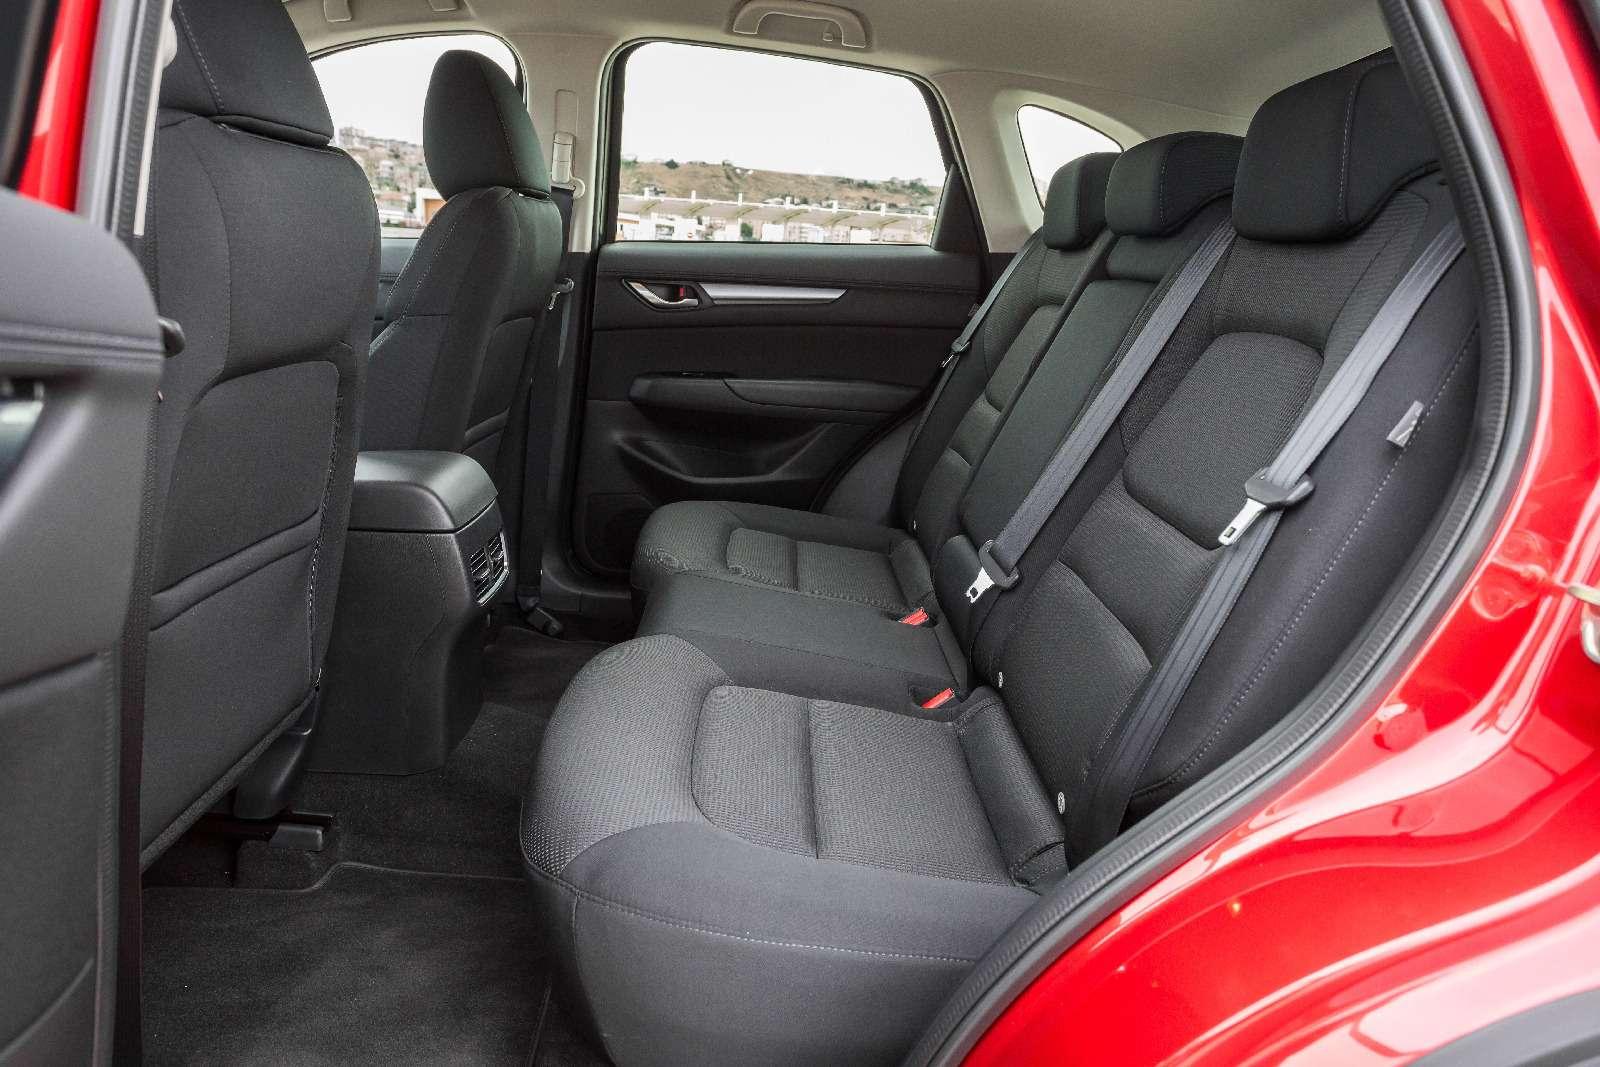 Mazda объявила рублевые цены накроссовер CX-5 второго поколения— фото 766910